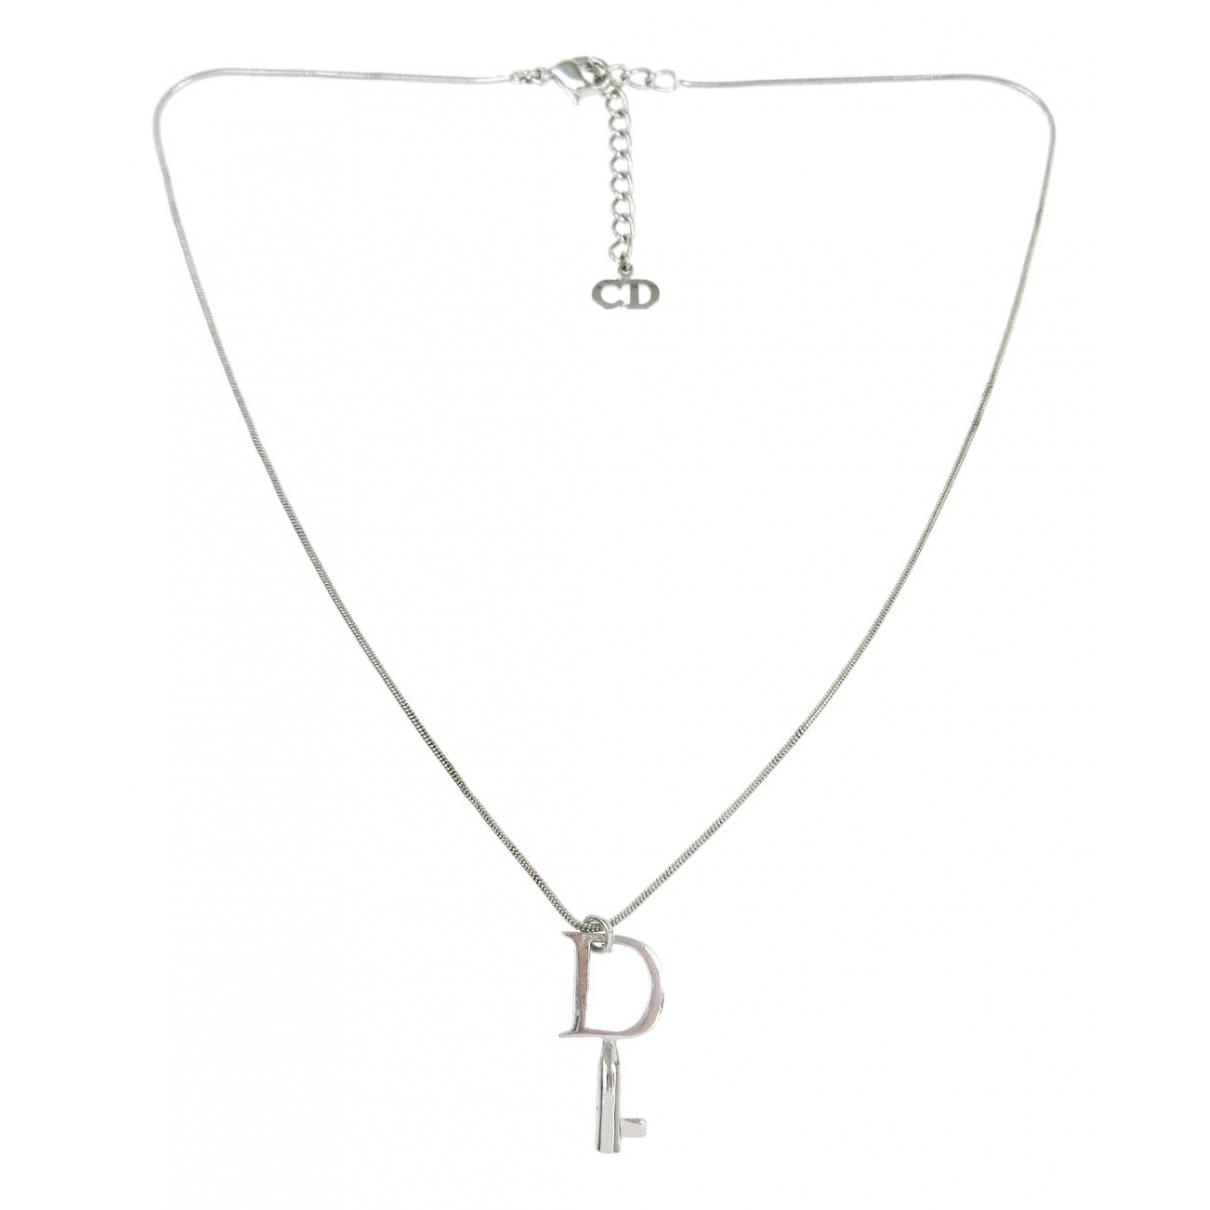 Christian Dior - Collier   pour femme en metal - argente